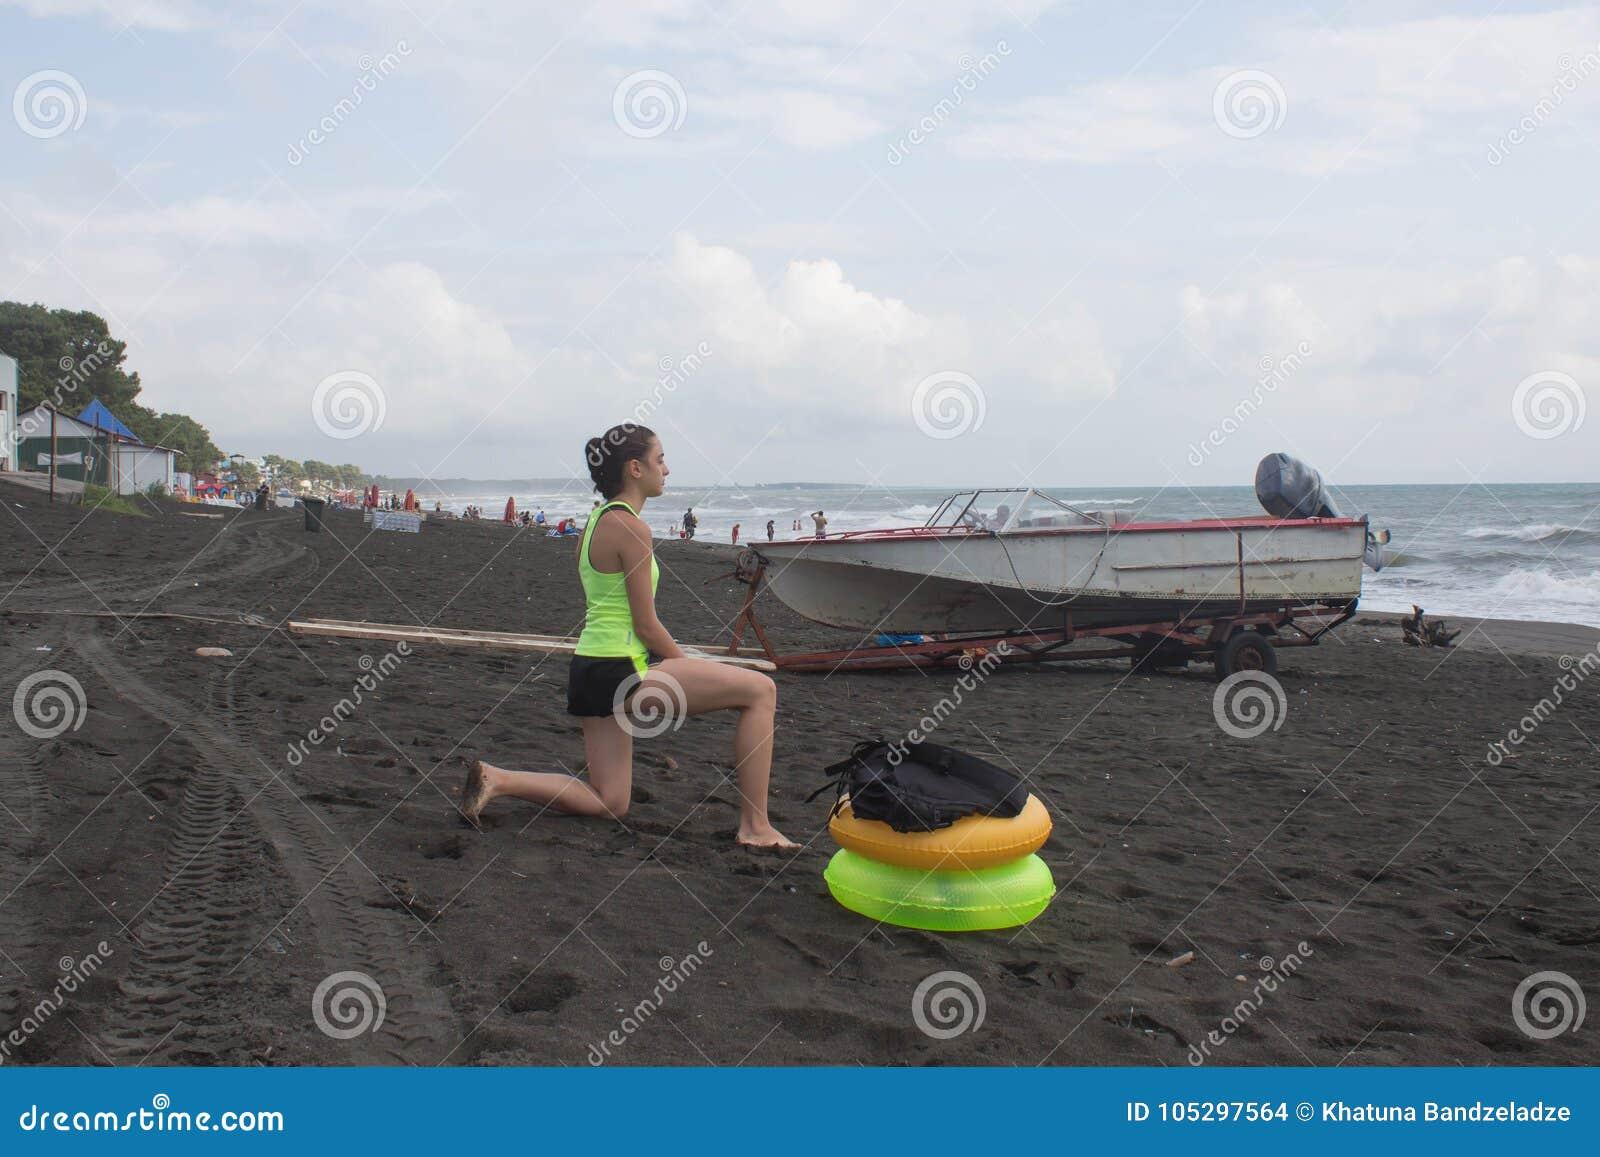 Κορίτσι, powerboat και κίτρινο, πράσινο επιπλέον δαχτυλίδι στην παραλία, συννεφιασμένος, σύννεφα, κύματα